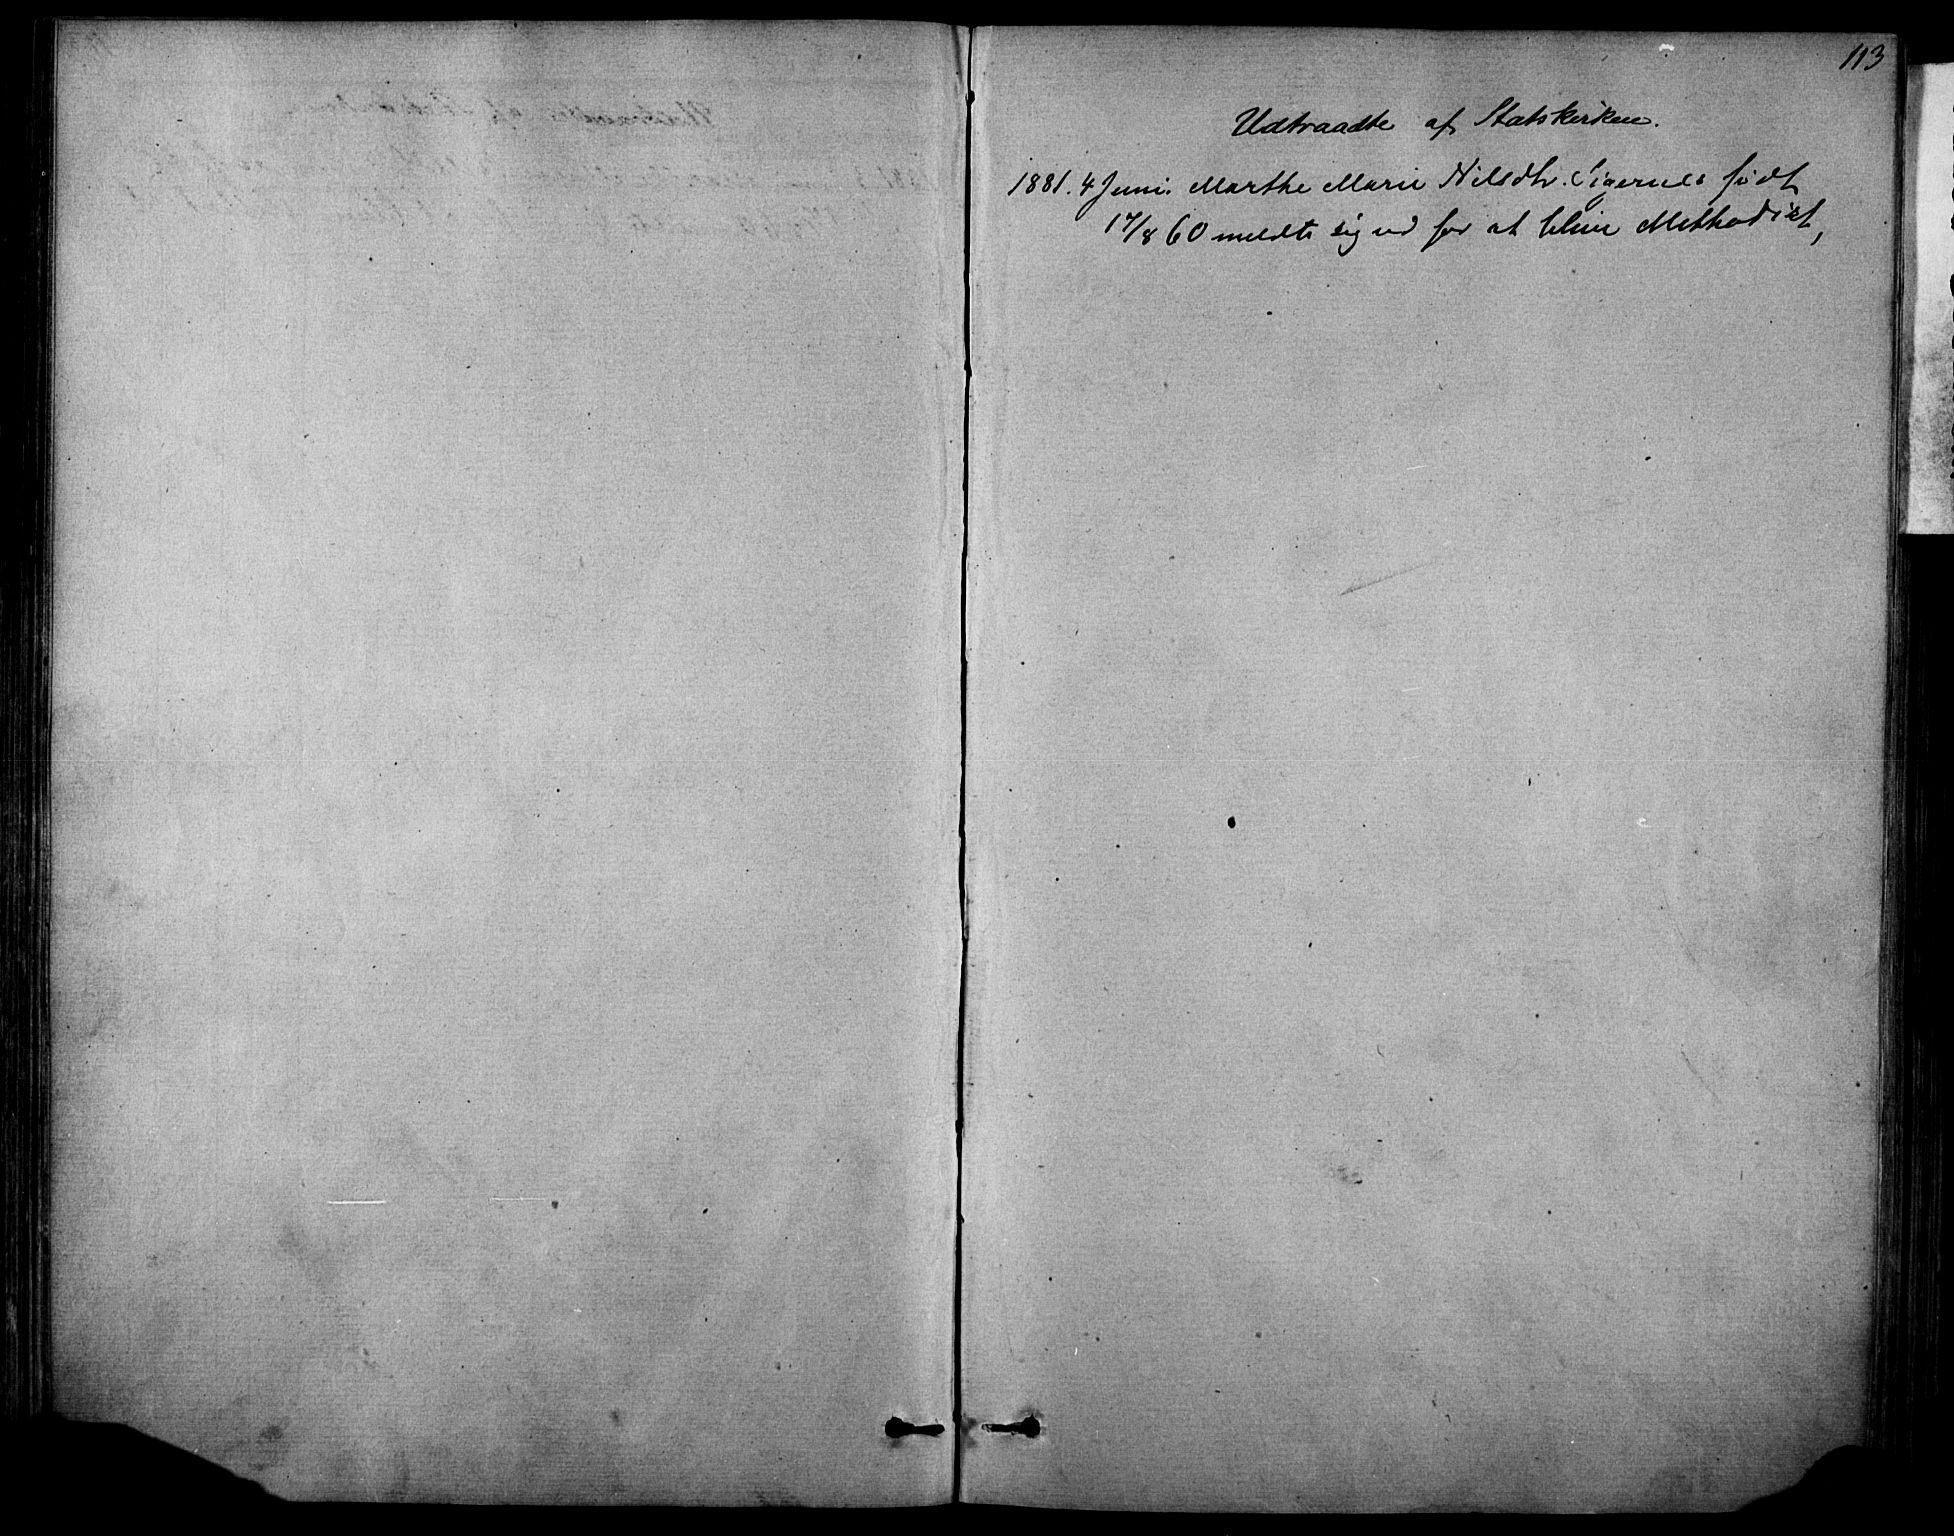 SAKO, Sannidal kirkebøker, F/Fa/L0014: Ministerialbok nr. 14, 1874-1883, s. 113